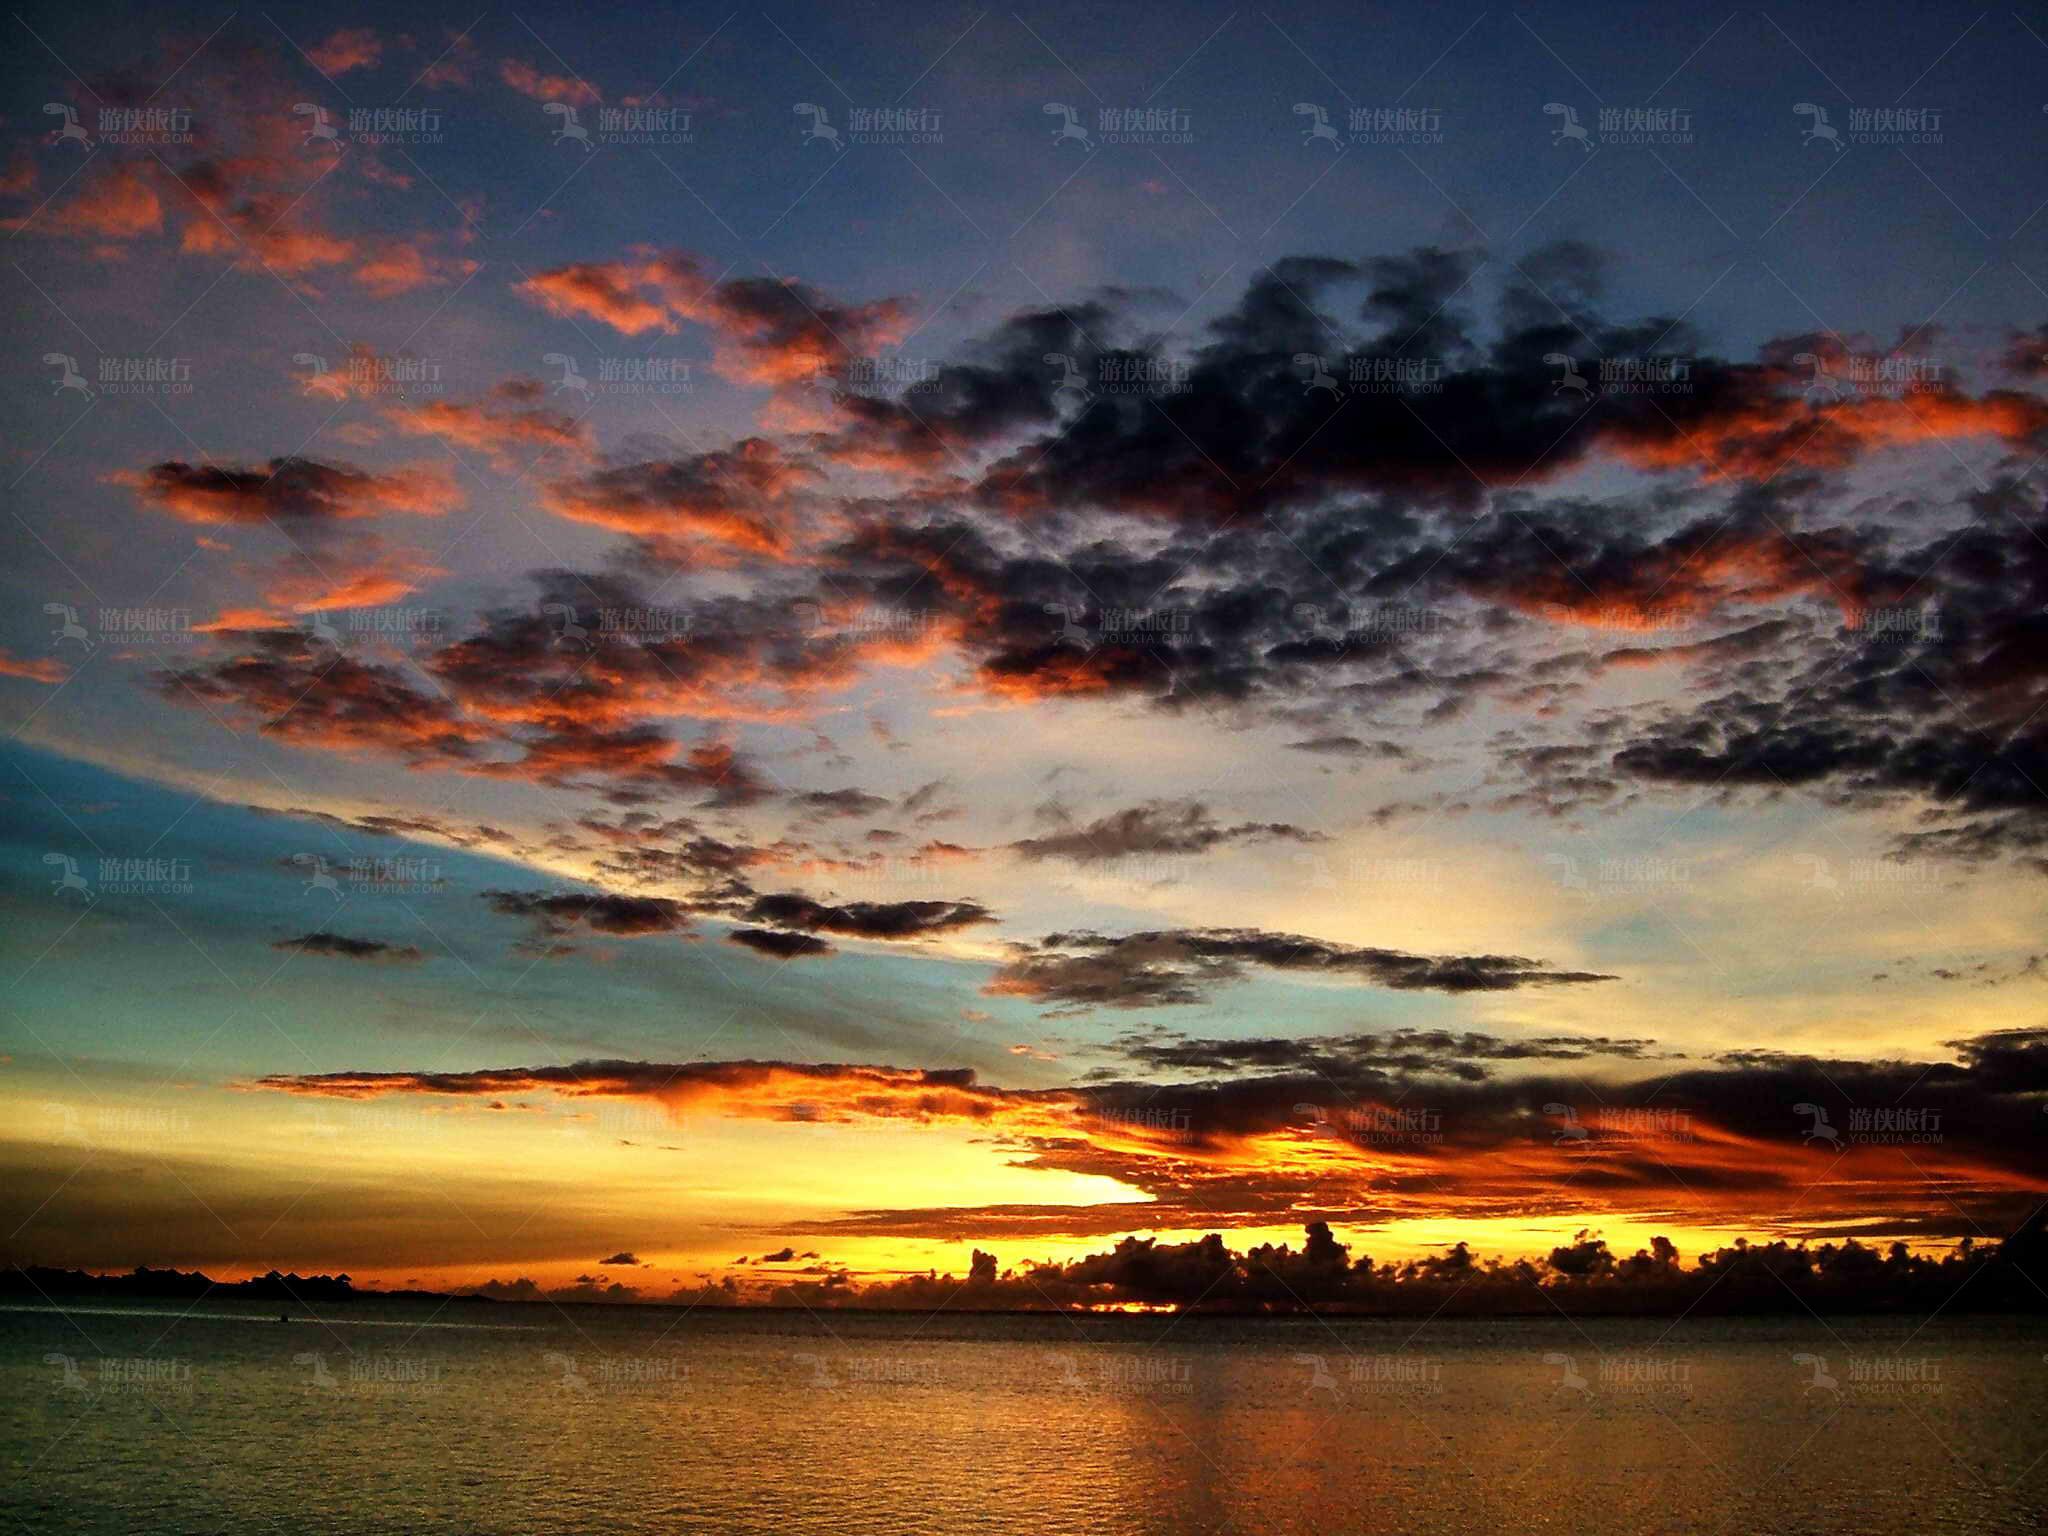 蔚为壮观黄昏日落